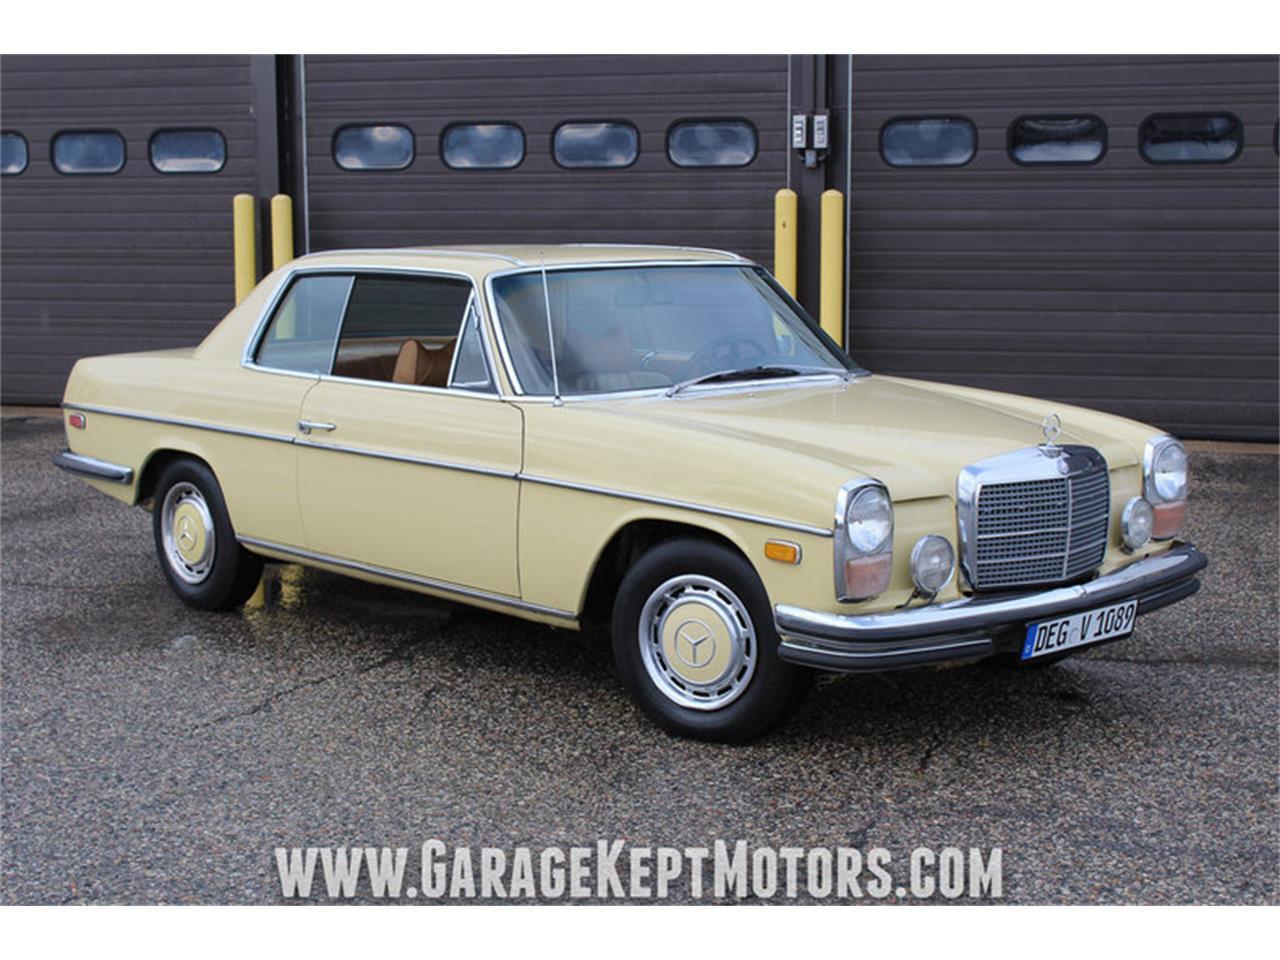 For Sale: 1973 Mercedes Benz 280C In Grand Rapids, Michigan